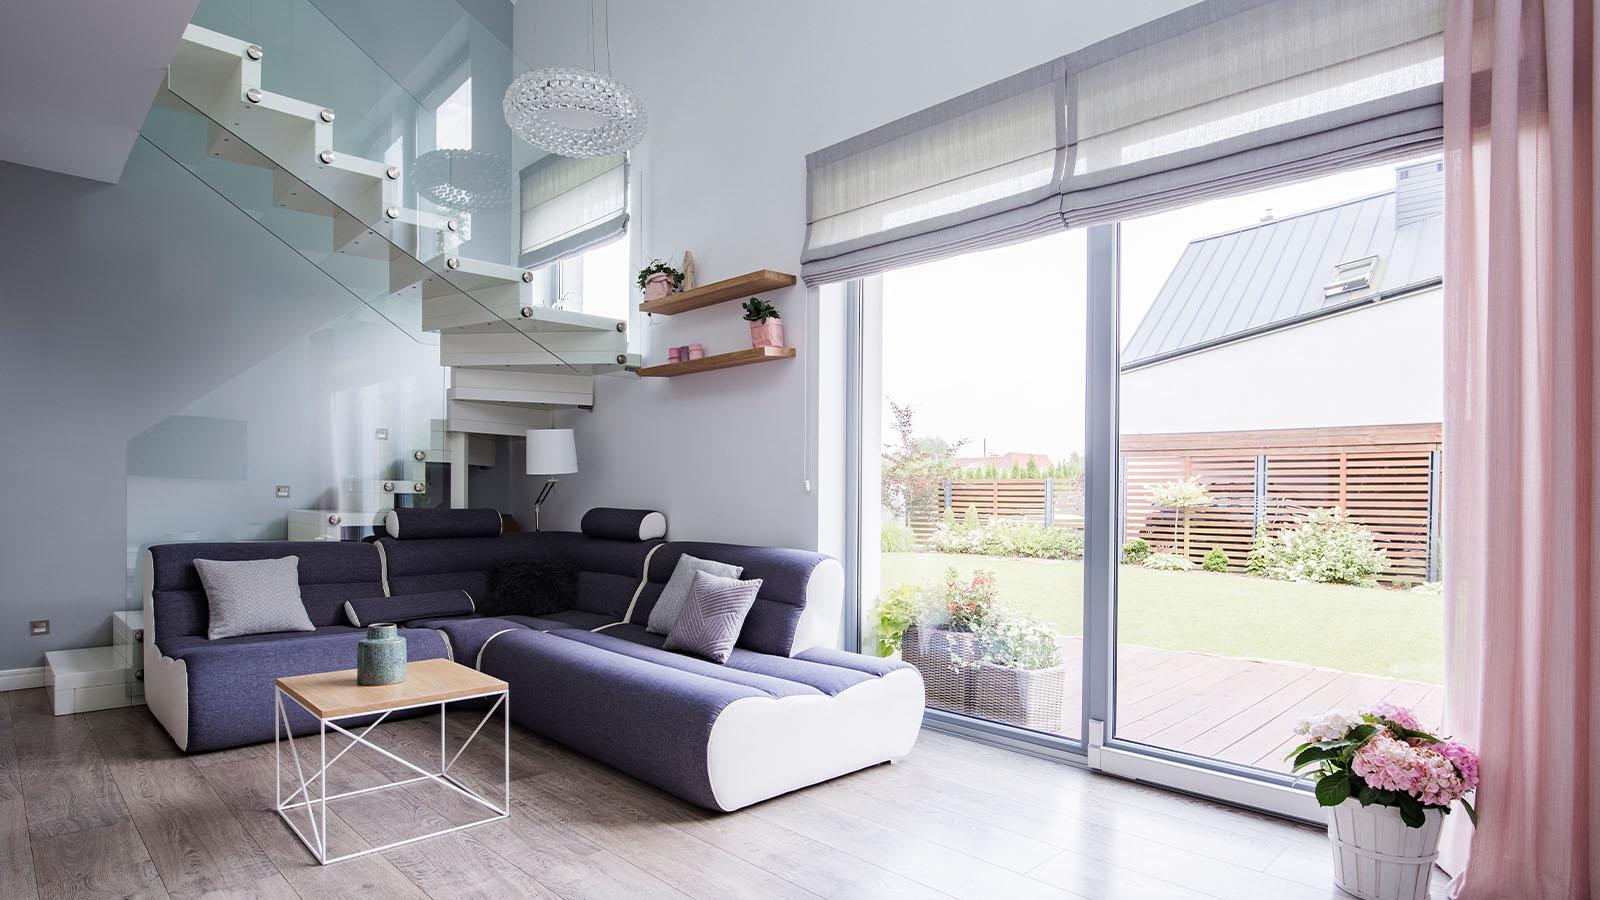 Glasgeländer im Wohnbereich